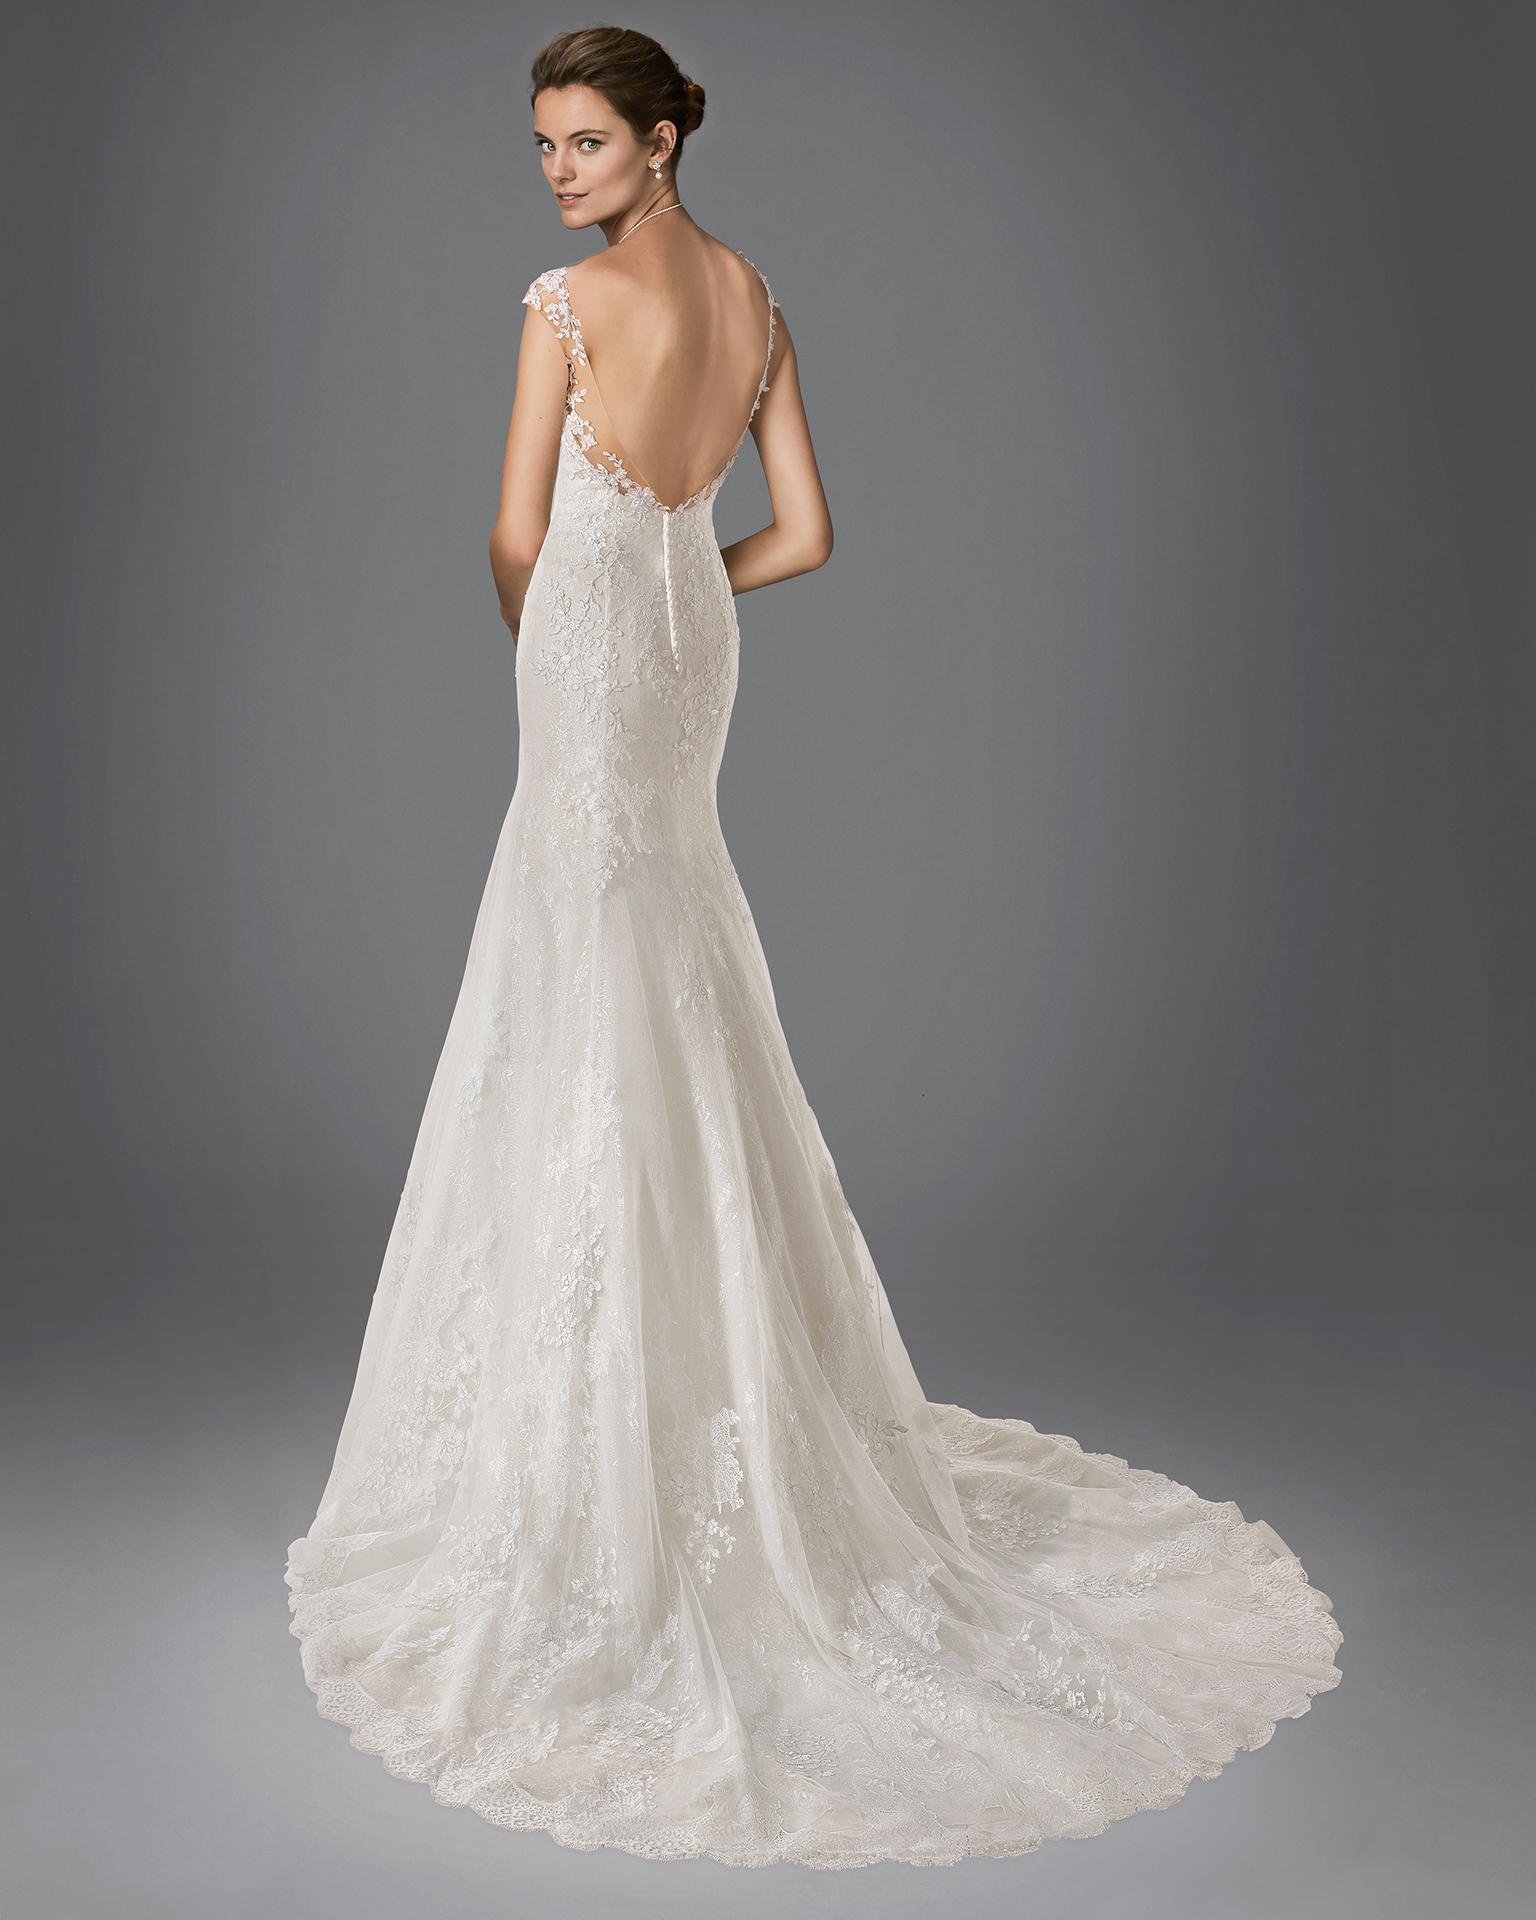 Vestido de novia de corte sirena en tul, encaje y pedrería con escote pico y aplicaciones de encaje, disponible en color nude y natural.